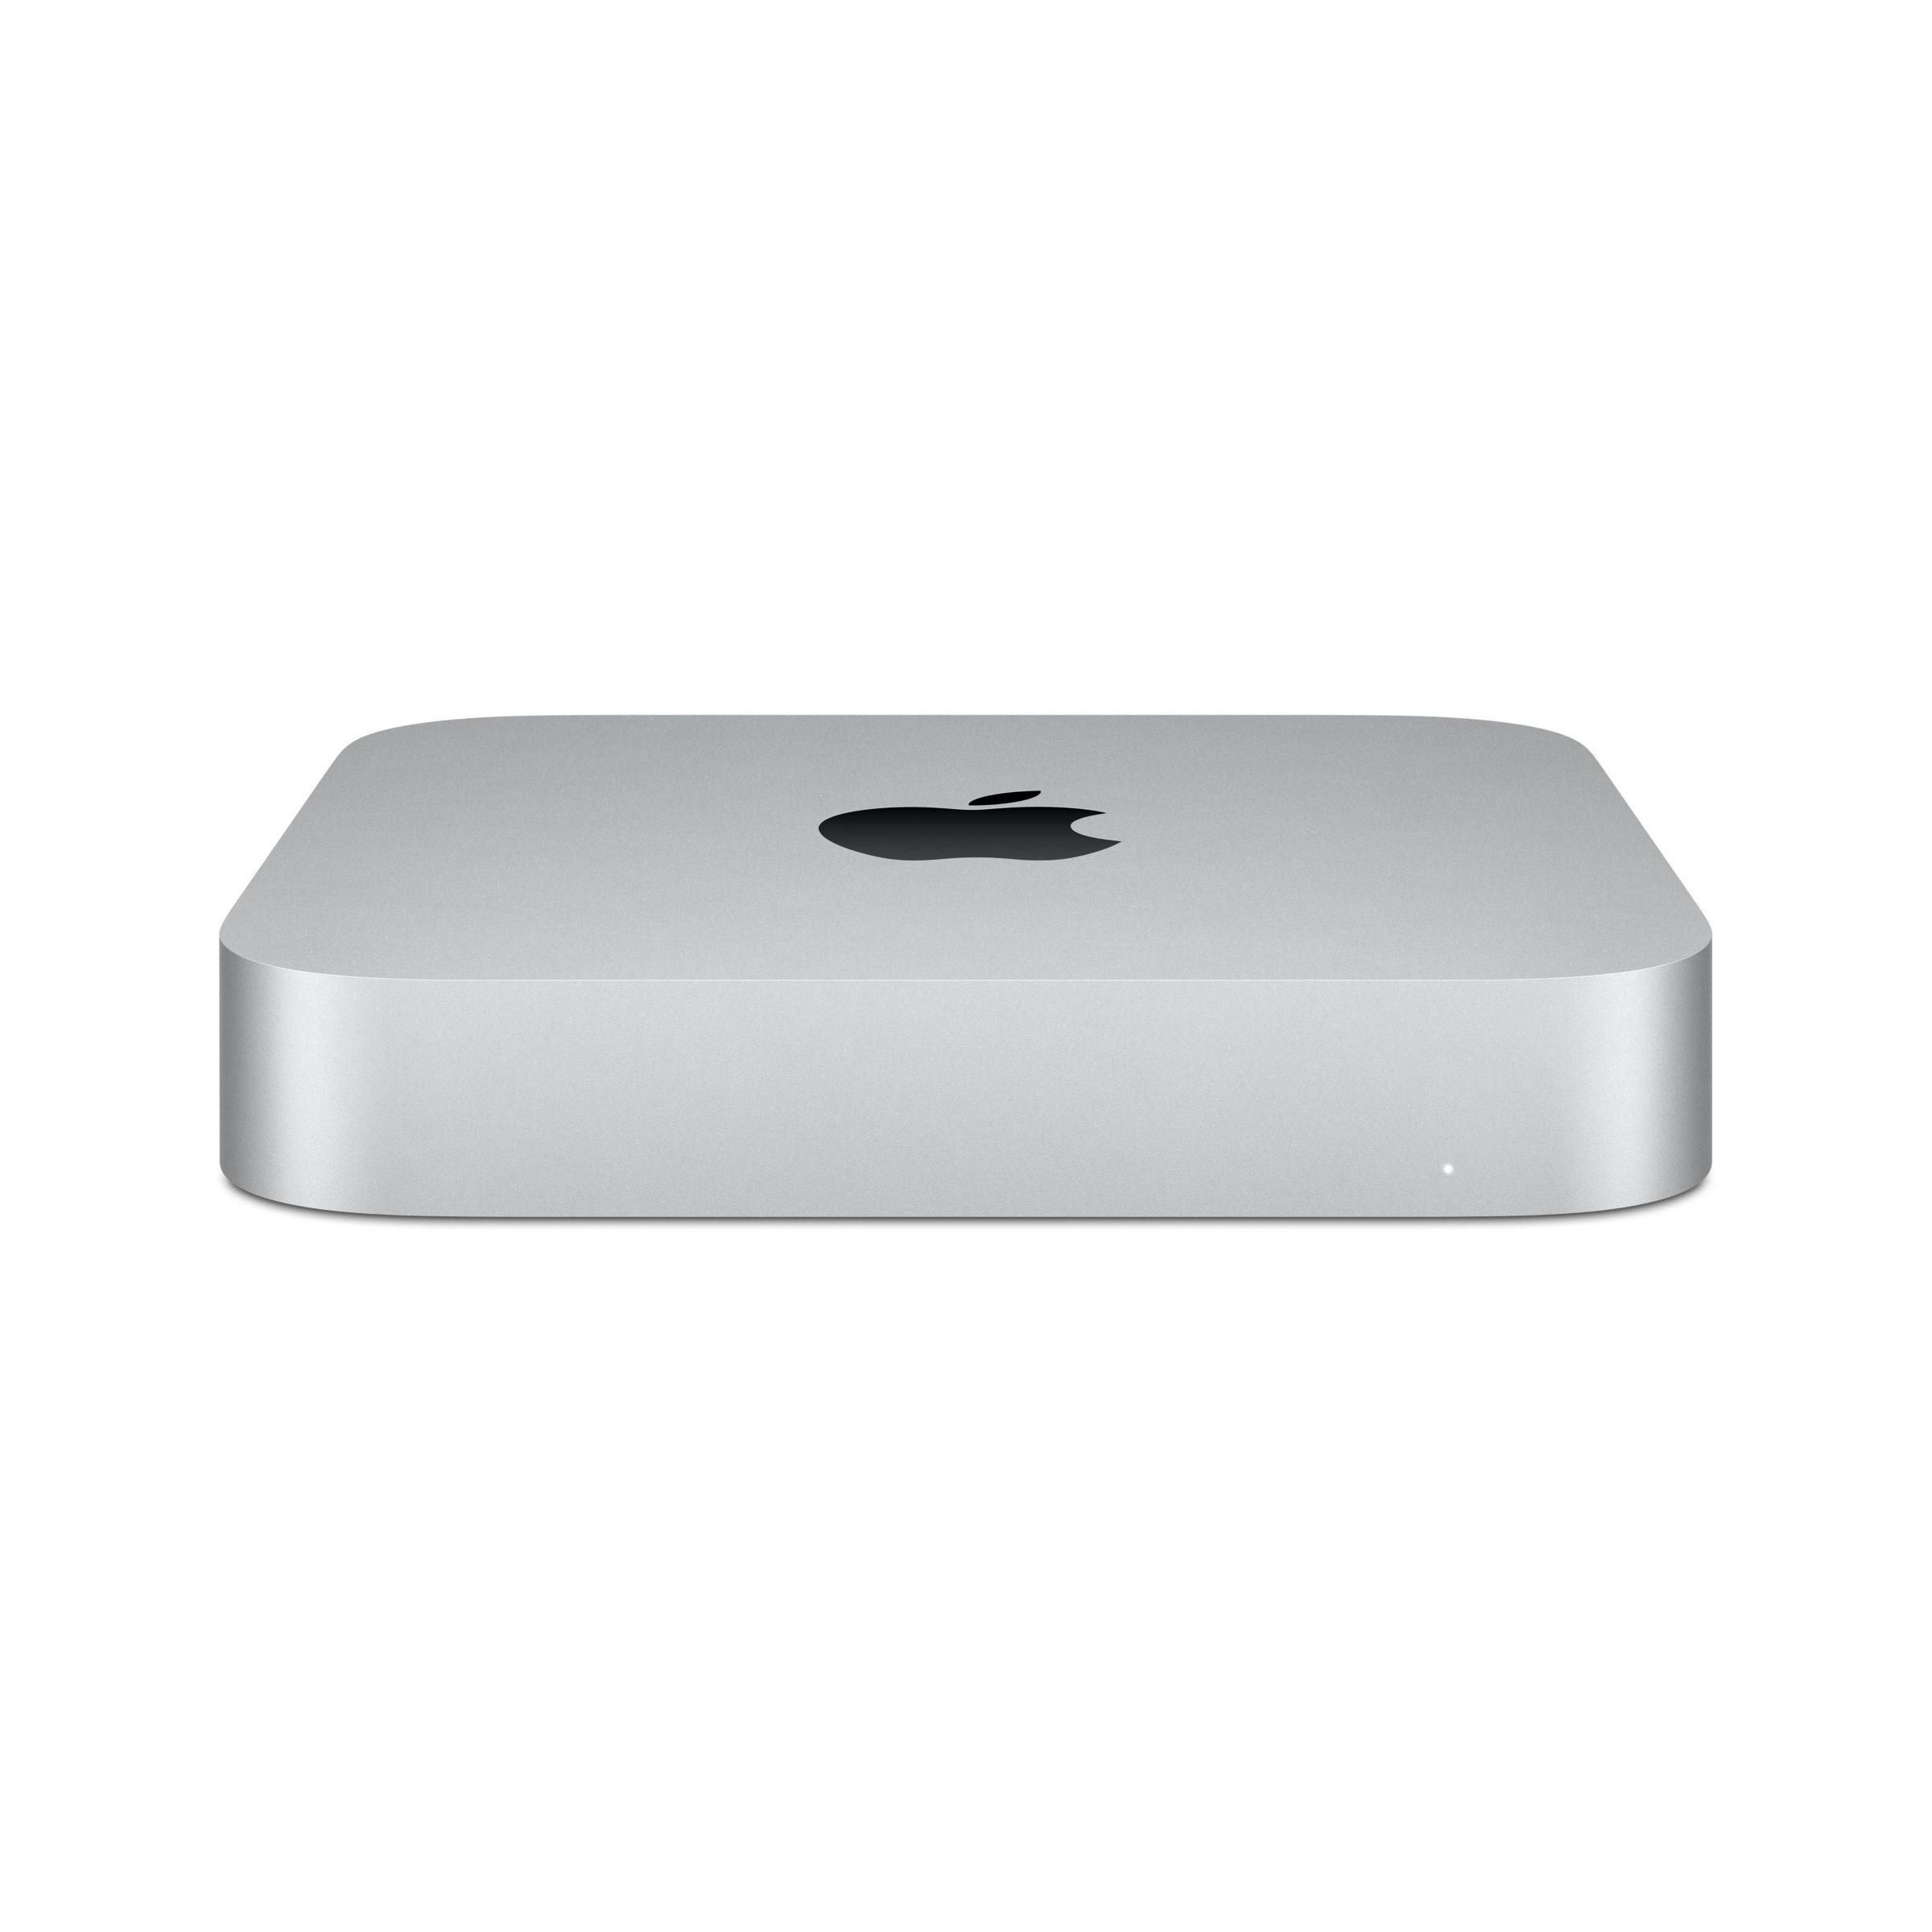 2020 Apple Mac mini Desktop Computer, M1 Processor, 8GB RAM, 256GB, Silver